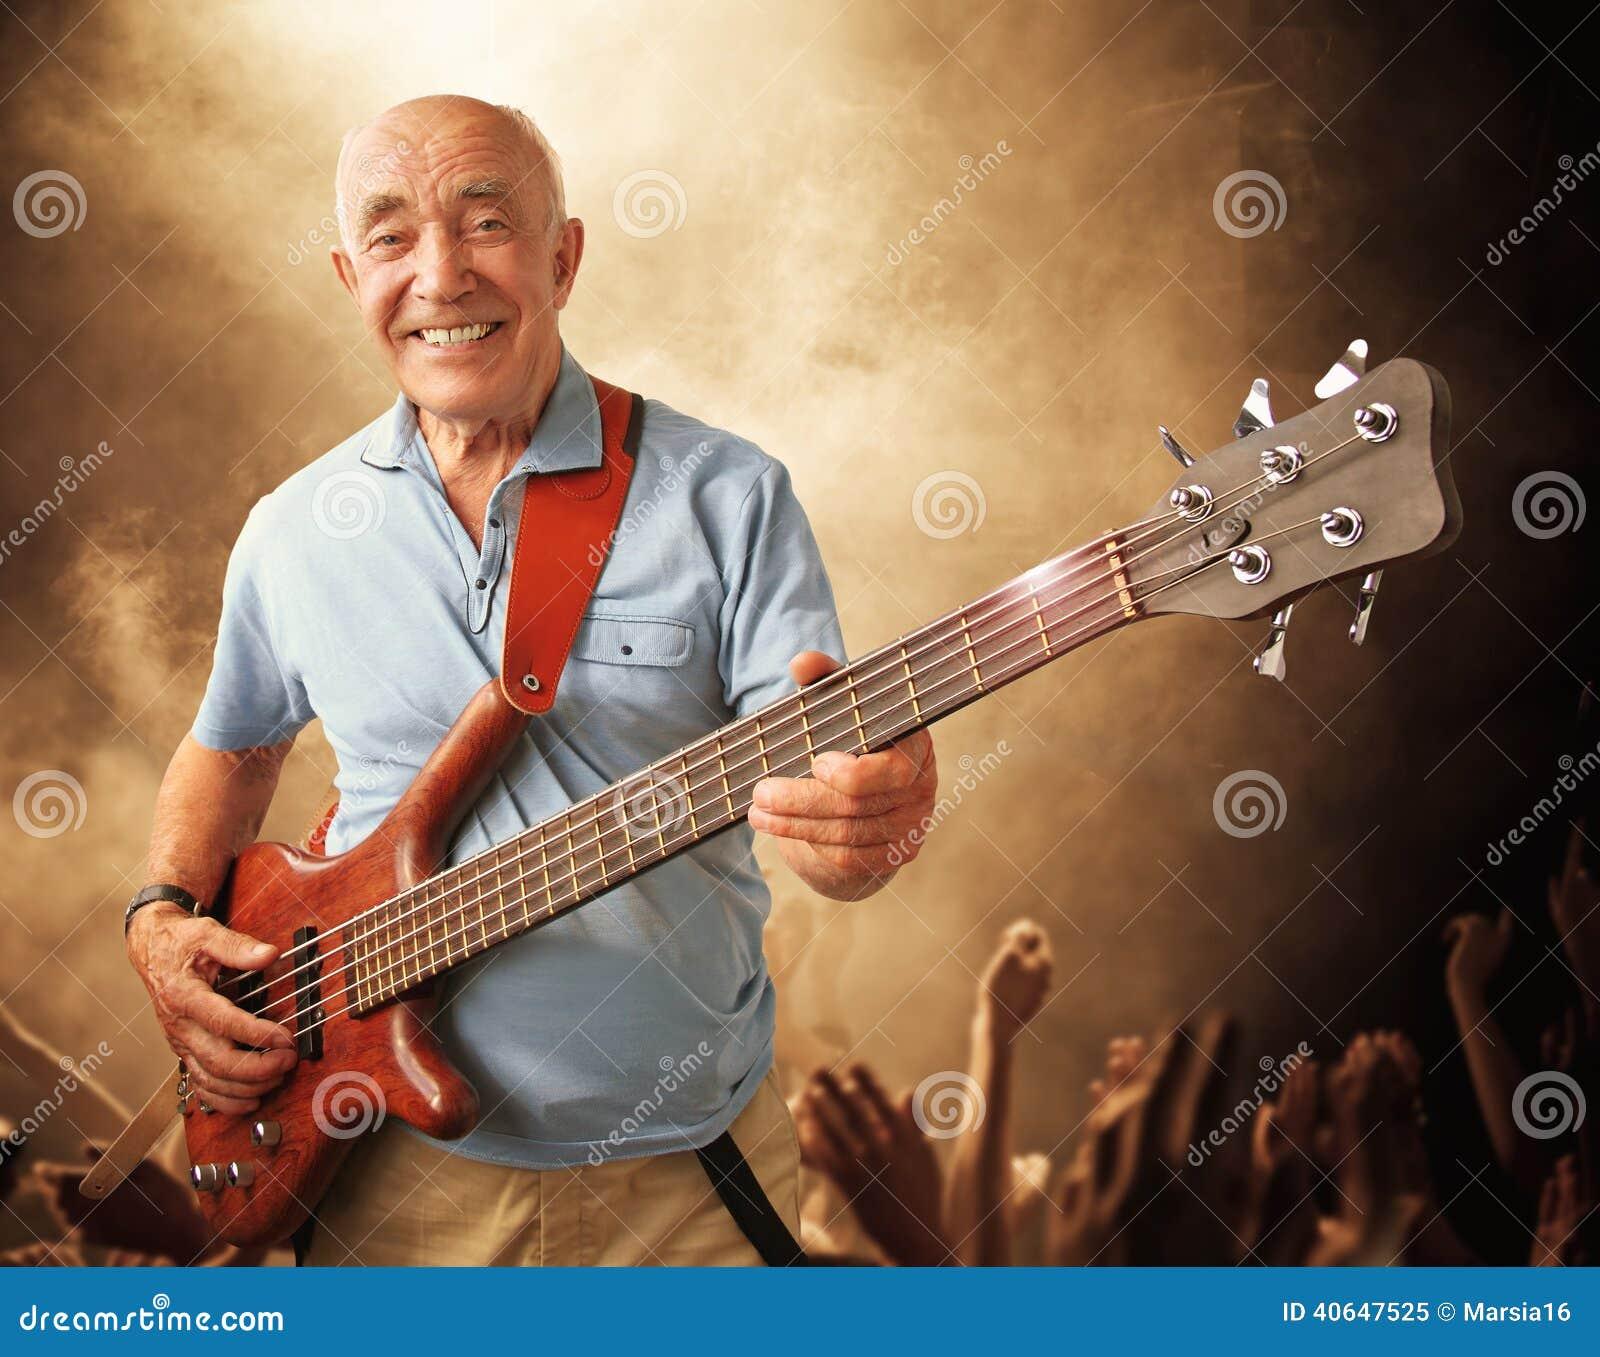 Download Senior guitar man stock image. Image of 80, caucasian - 40647525